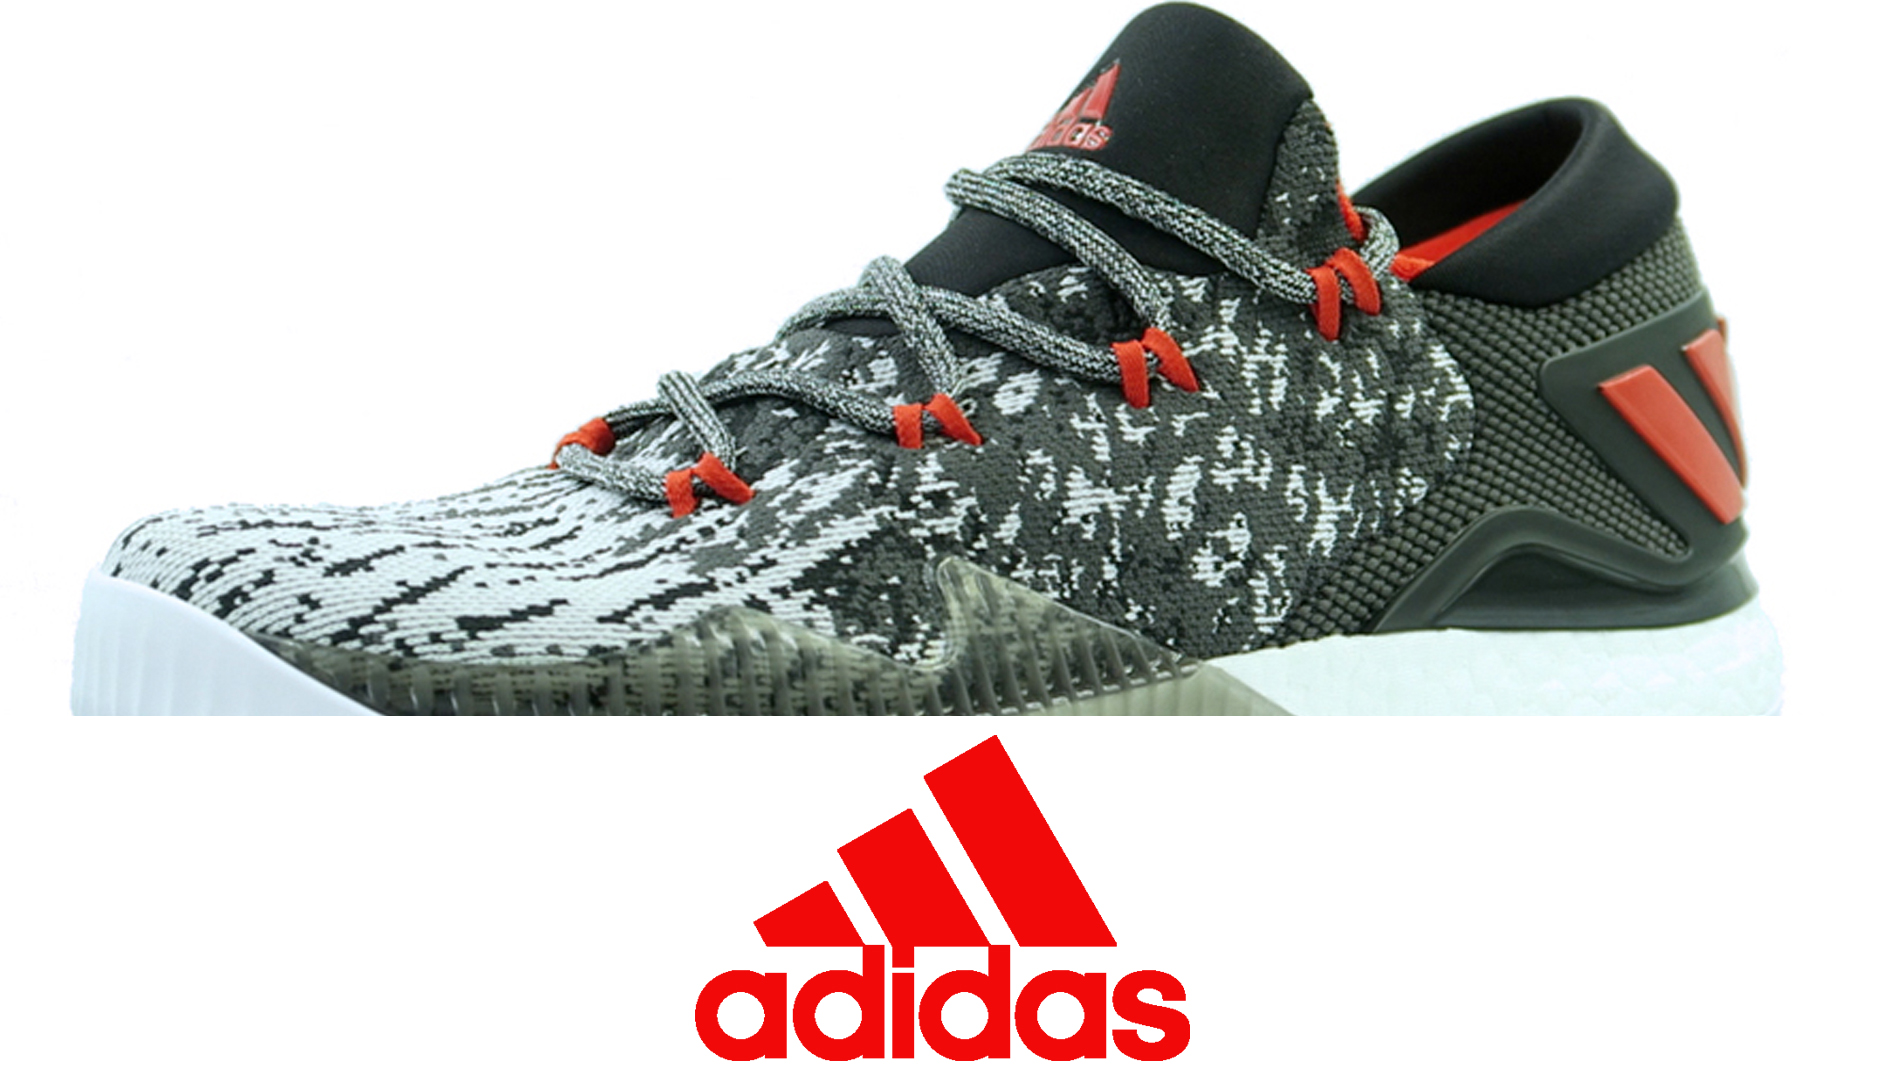 Adidas Crazy Light Shoe Review